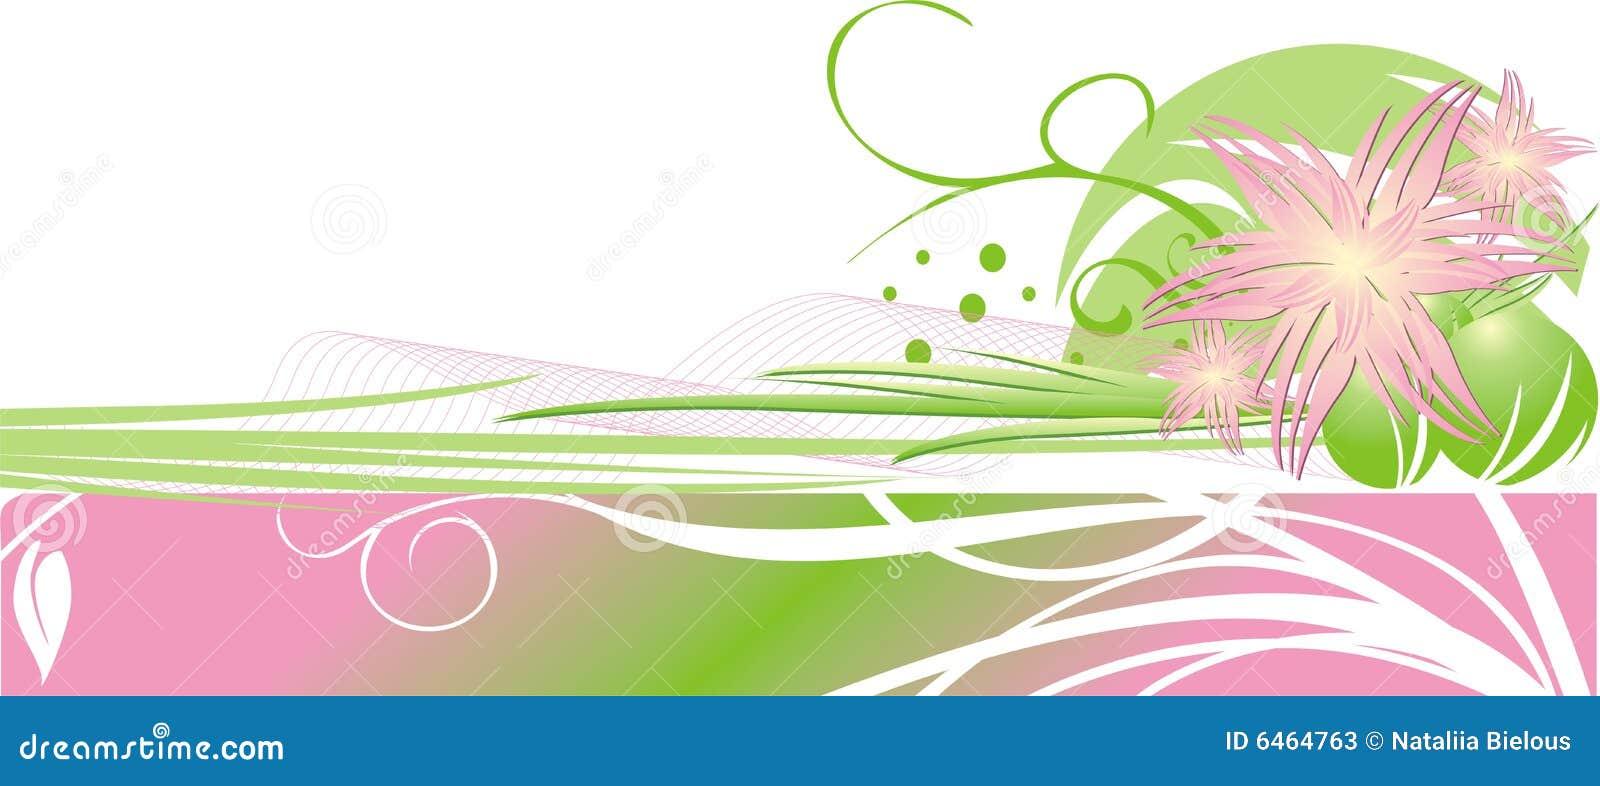 рамка хризантем карточки декоративная флористическая